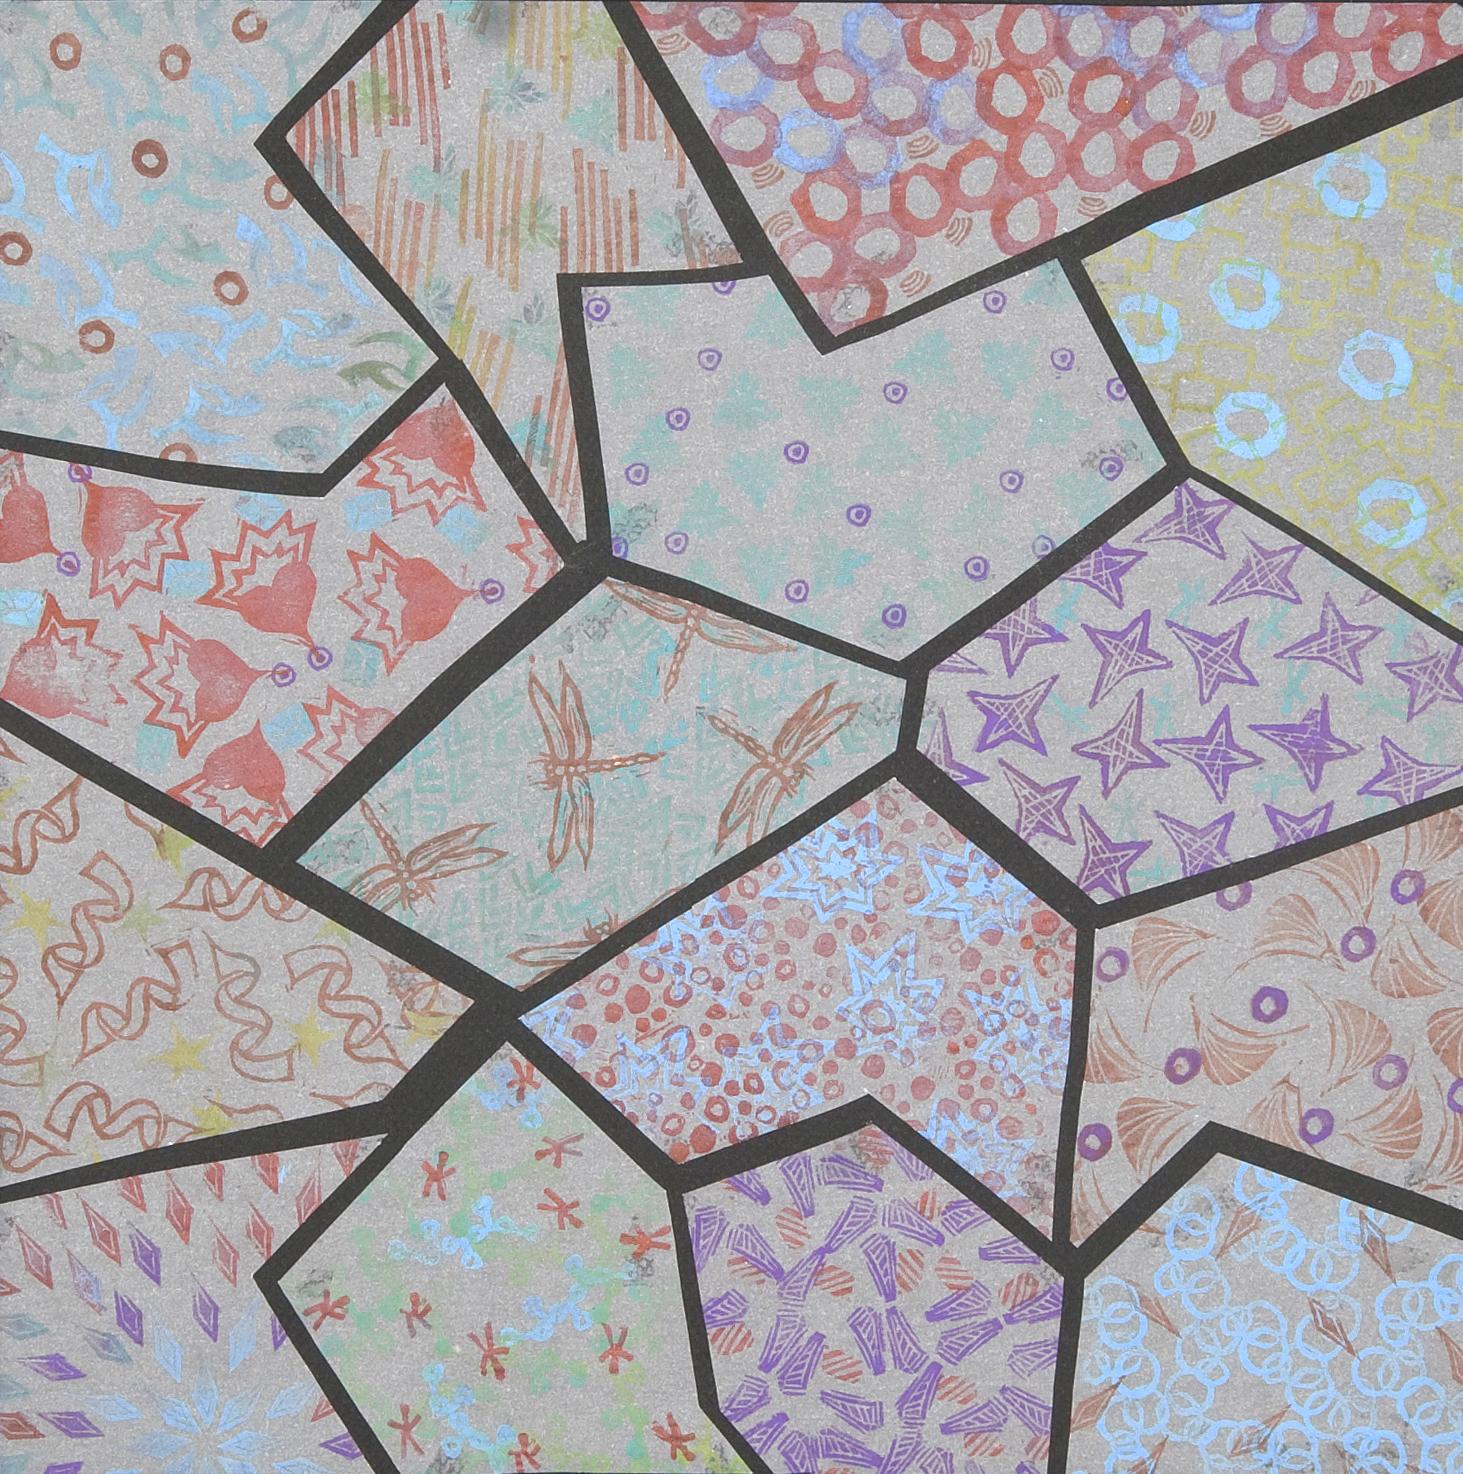 patternmosaic_WEB.jpg